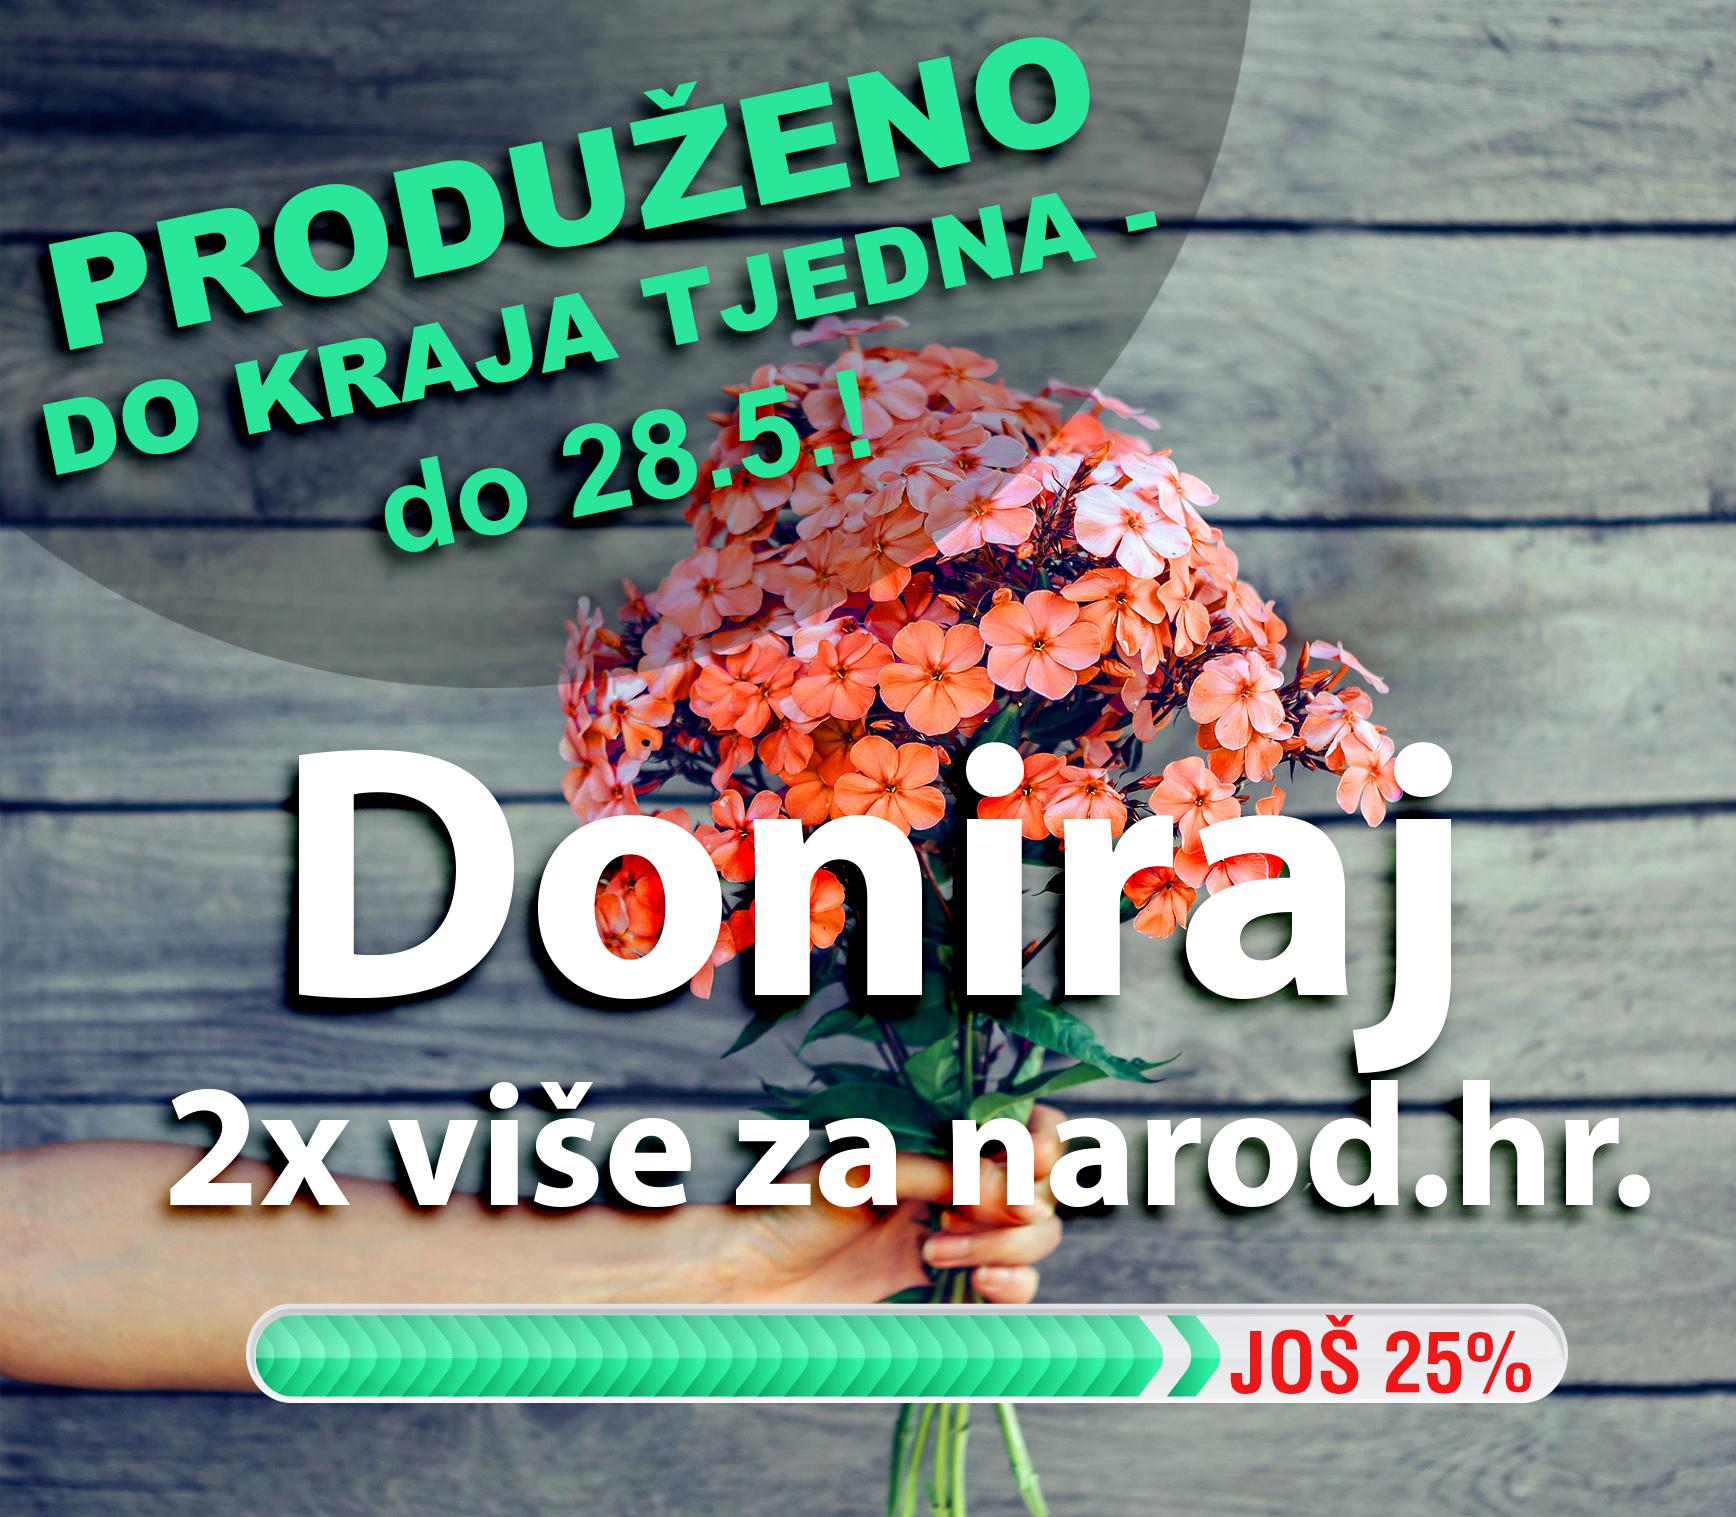 2x više za Narod.hr: Hvala za 75% ciljane svote, nedostaje još 25%!